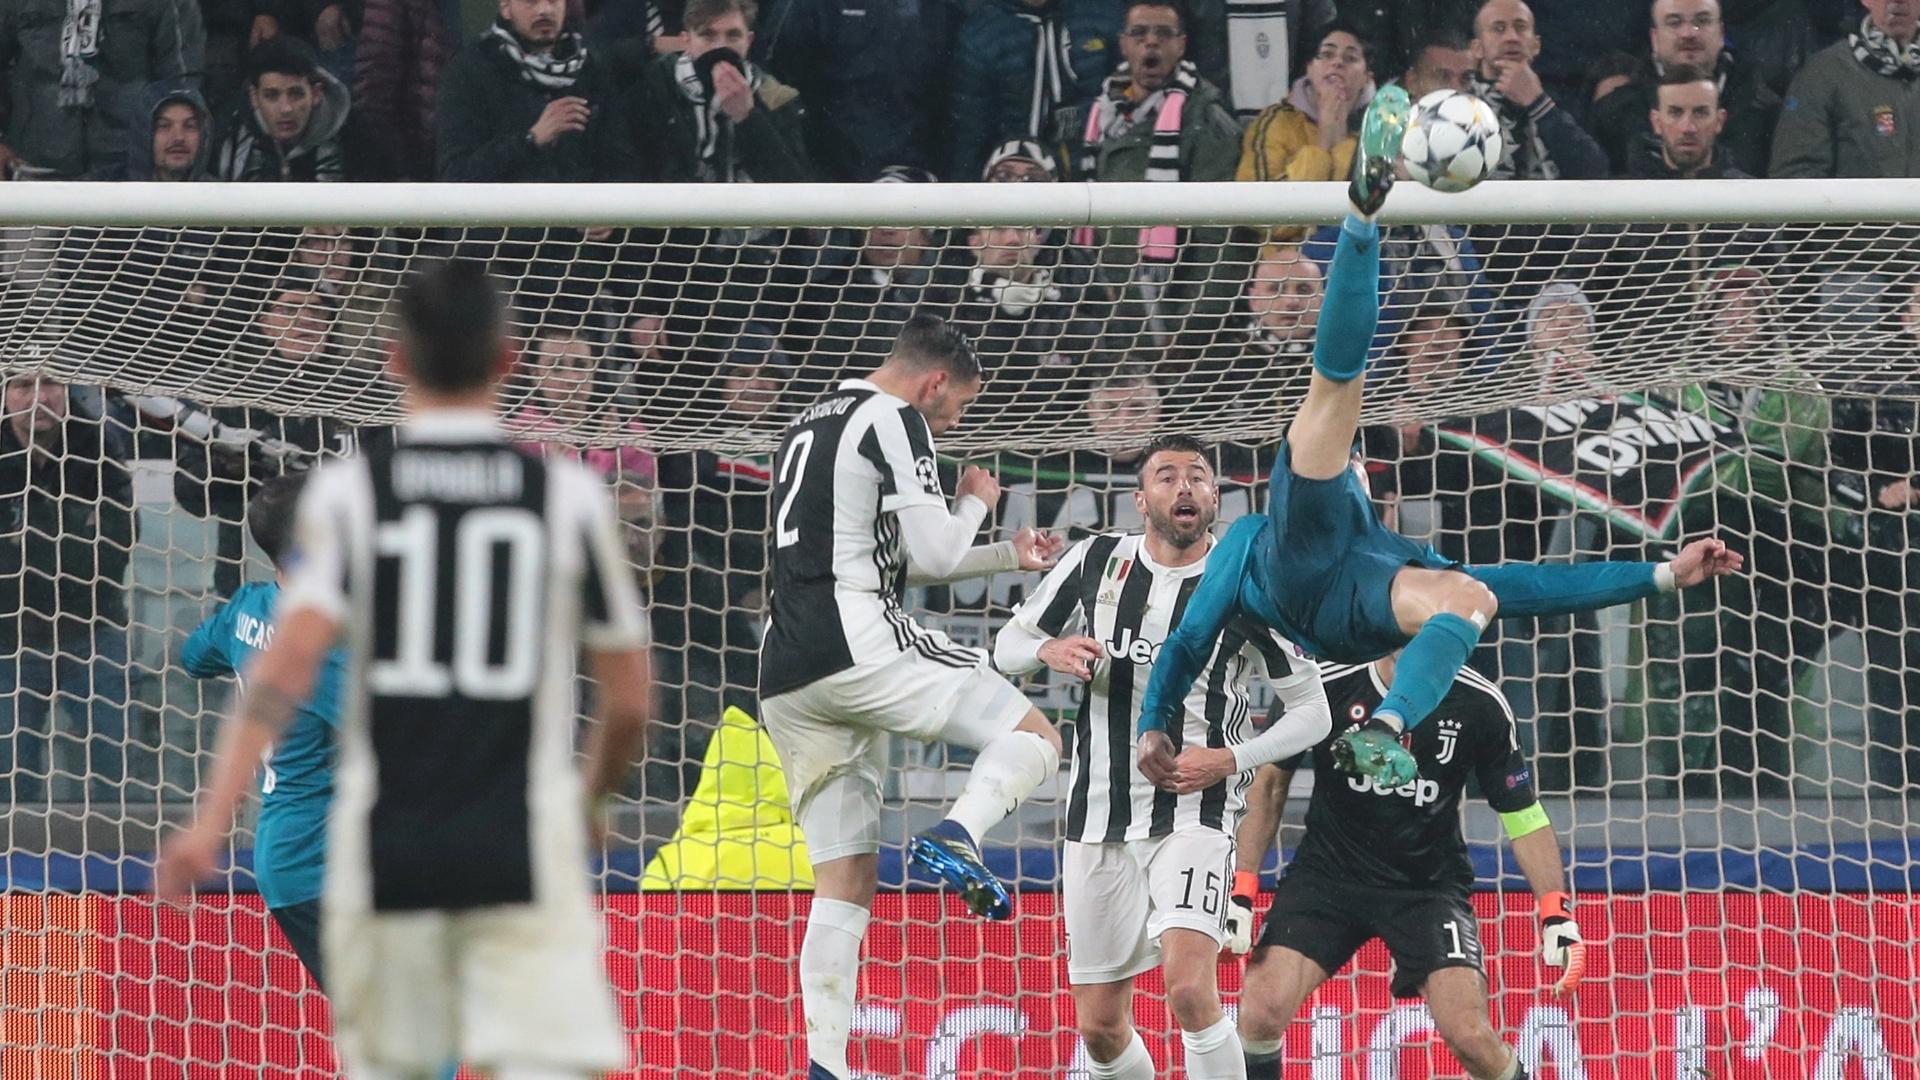 Cristiano Ronaldo faz golaço de bicicleta na partida entre Juventus e Real Madrid, pela Liga dos Campeões